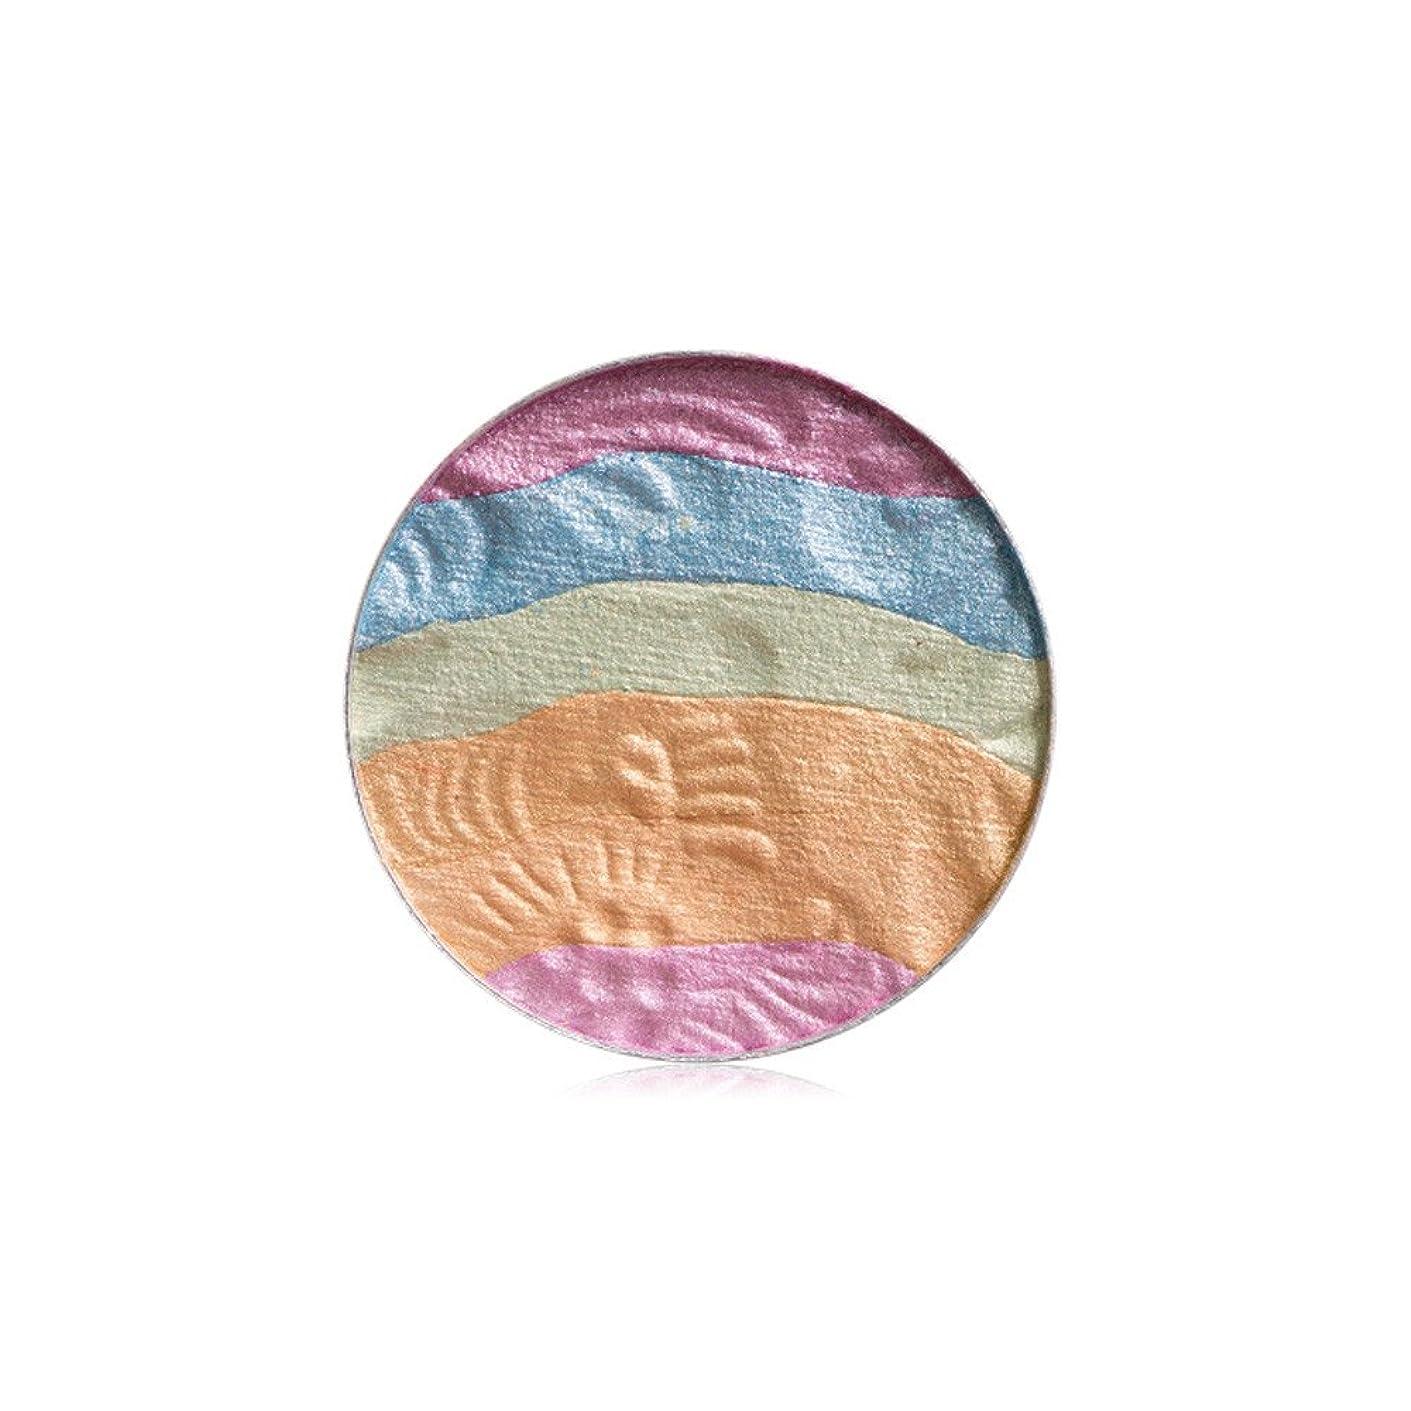 アヒル放射性バンドル自然な専門のアイシャドウの粉の虹のきらめきの構造の美の影